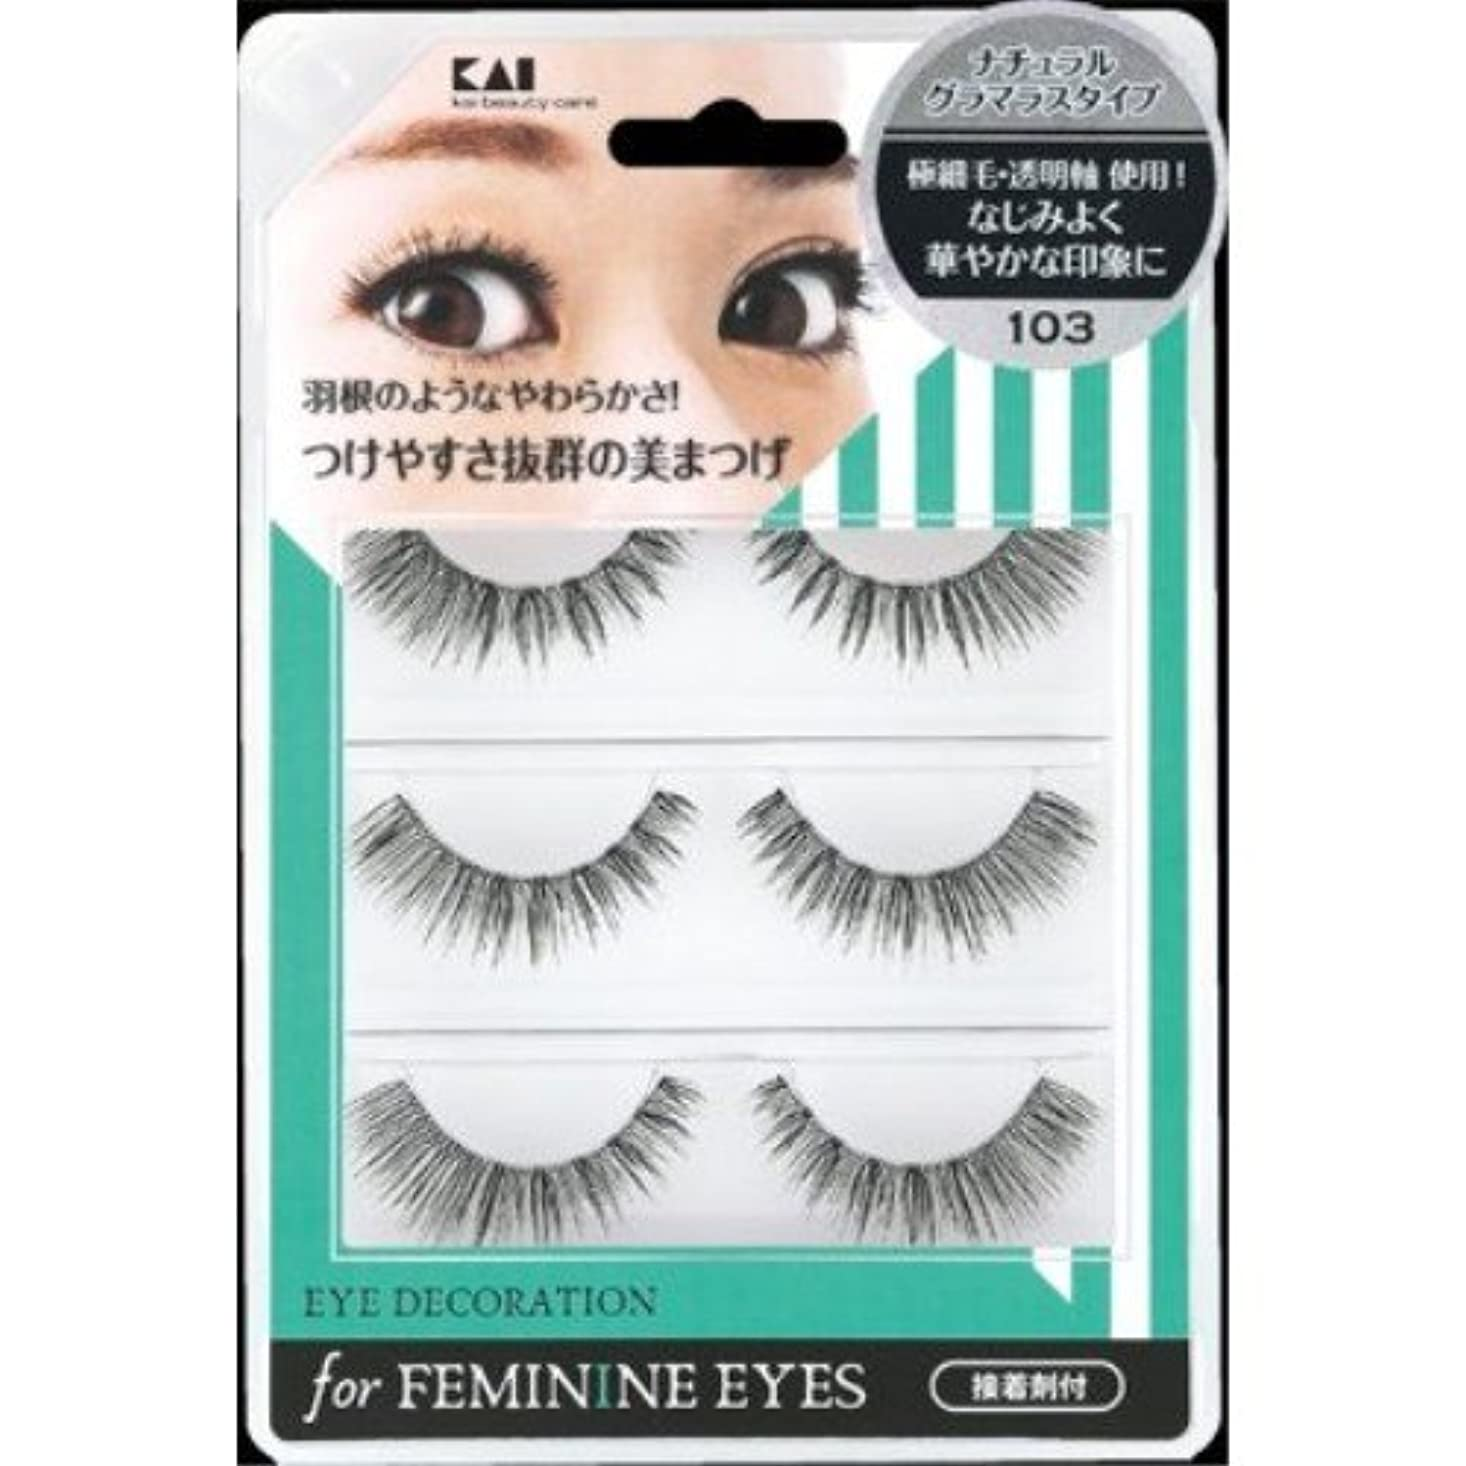 ベーリング海峡個人慣らす貝印 アイデコレーション for feminine eyes 103 HC1557